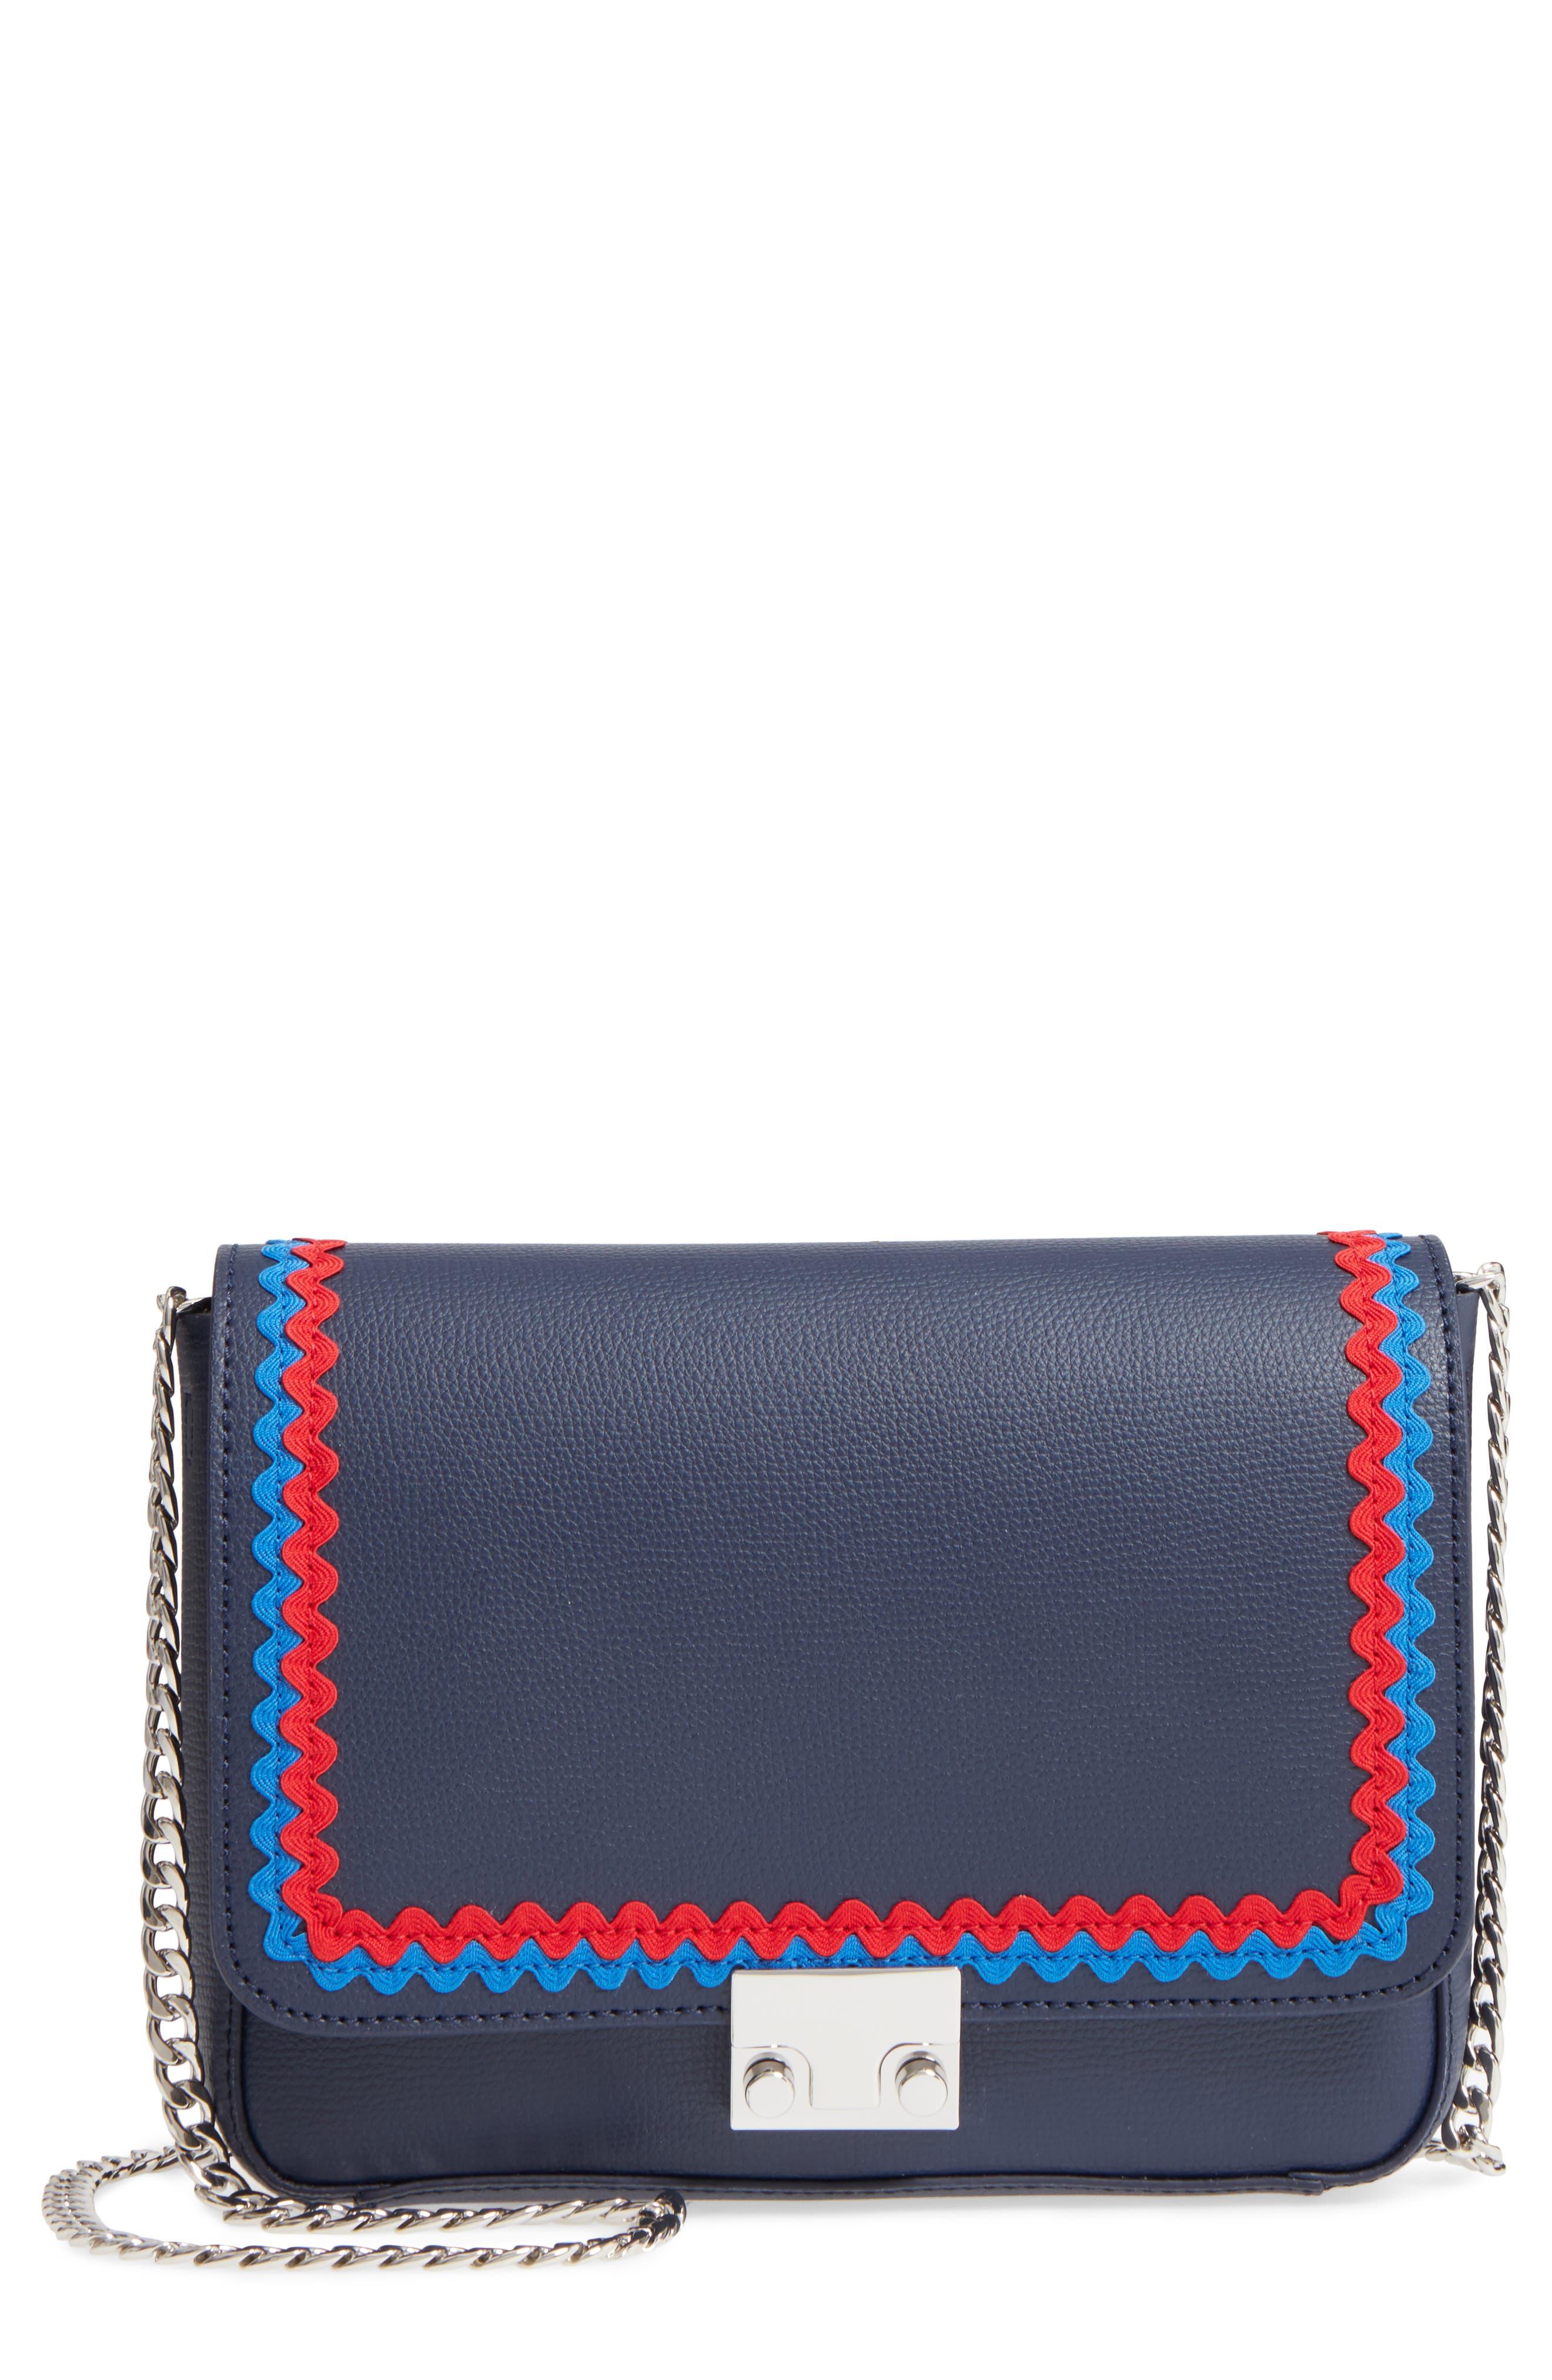 Lock Leather Flap Clutch/Shoulder Bag,                             Main thumbnail 1, color,